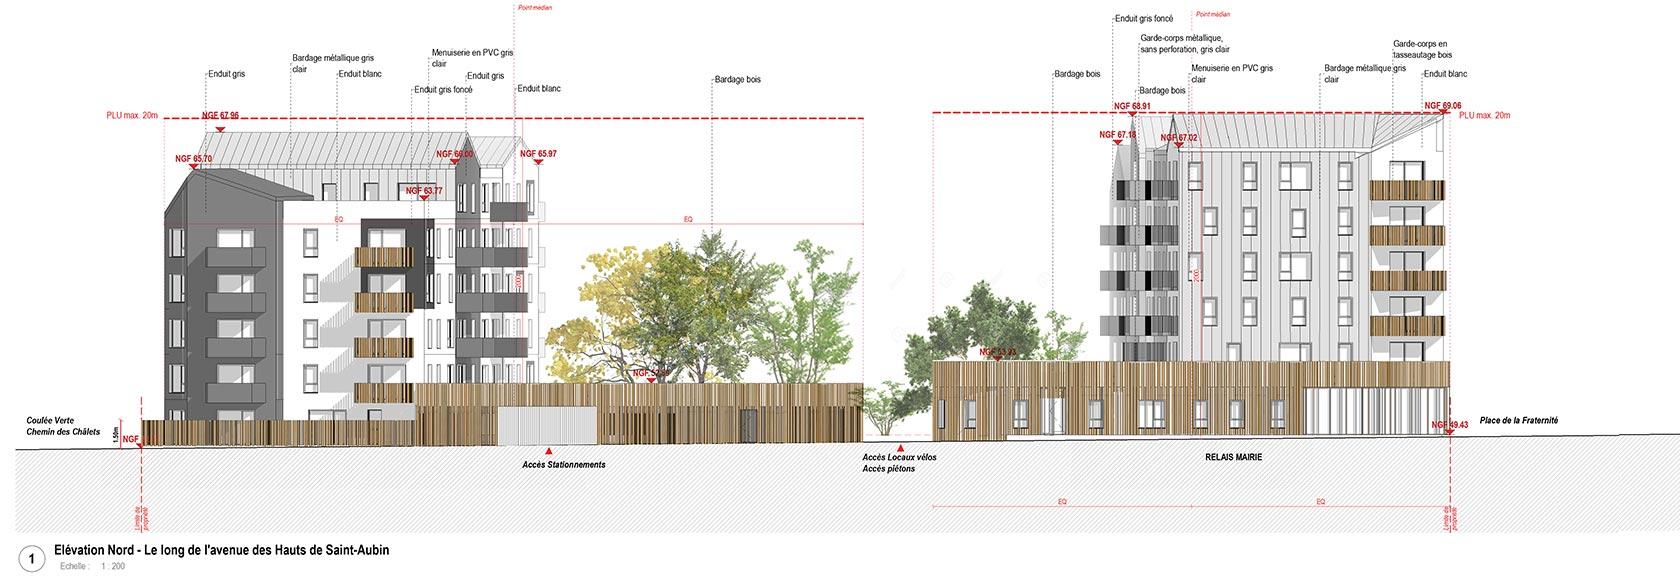 Agence Johanne San - Cœur Capucins Angers - Construction de 81 logements, d'un relais mairie et d'une cellule commerciale